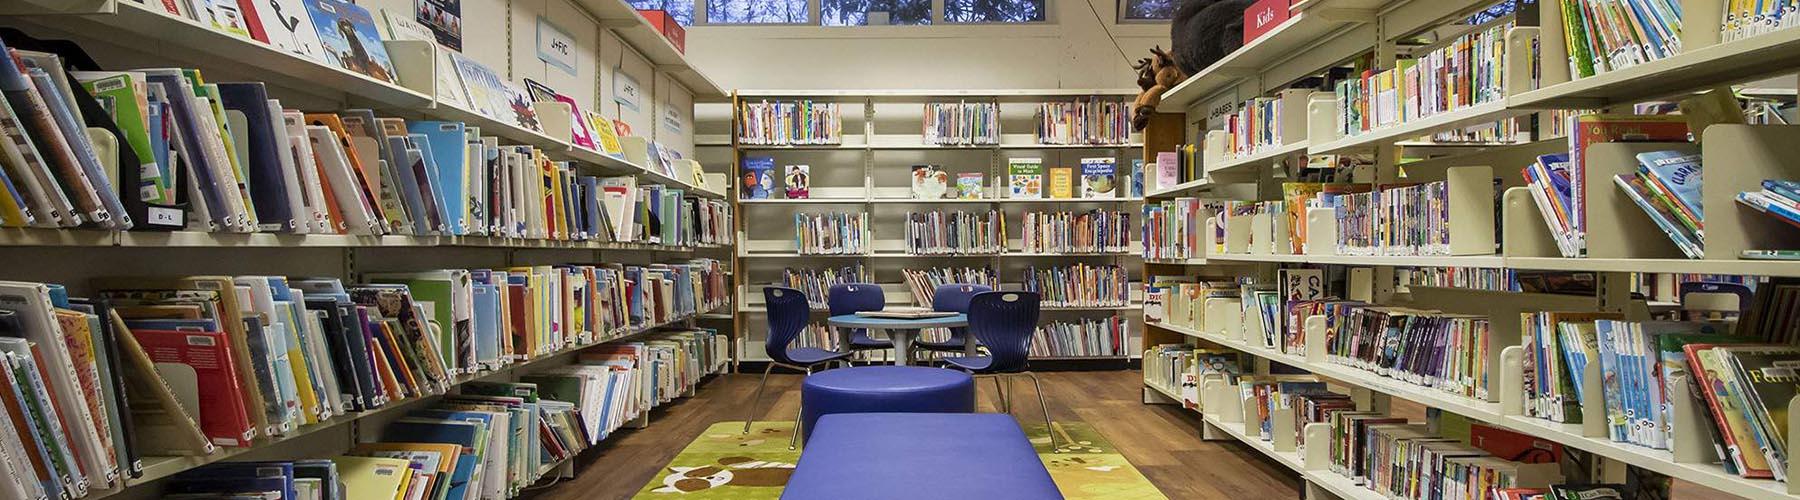 کتابخانه های منطقه 17 تهران فانزی